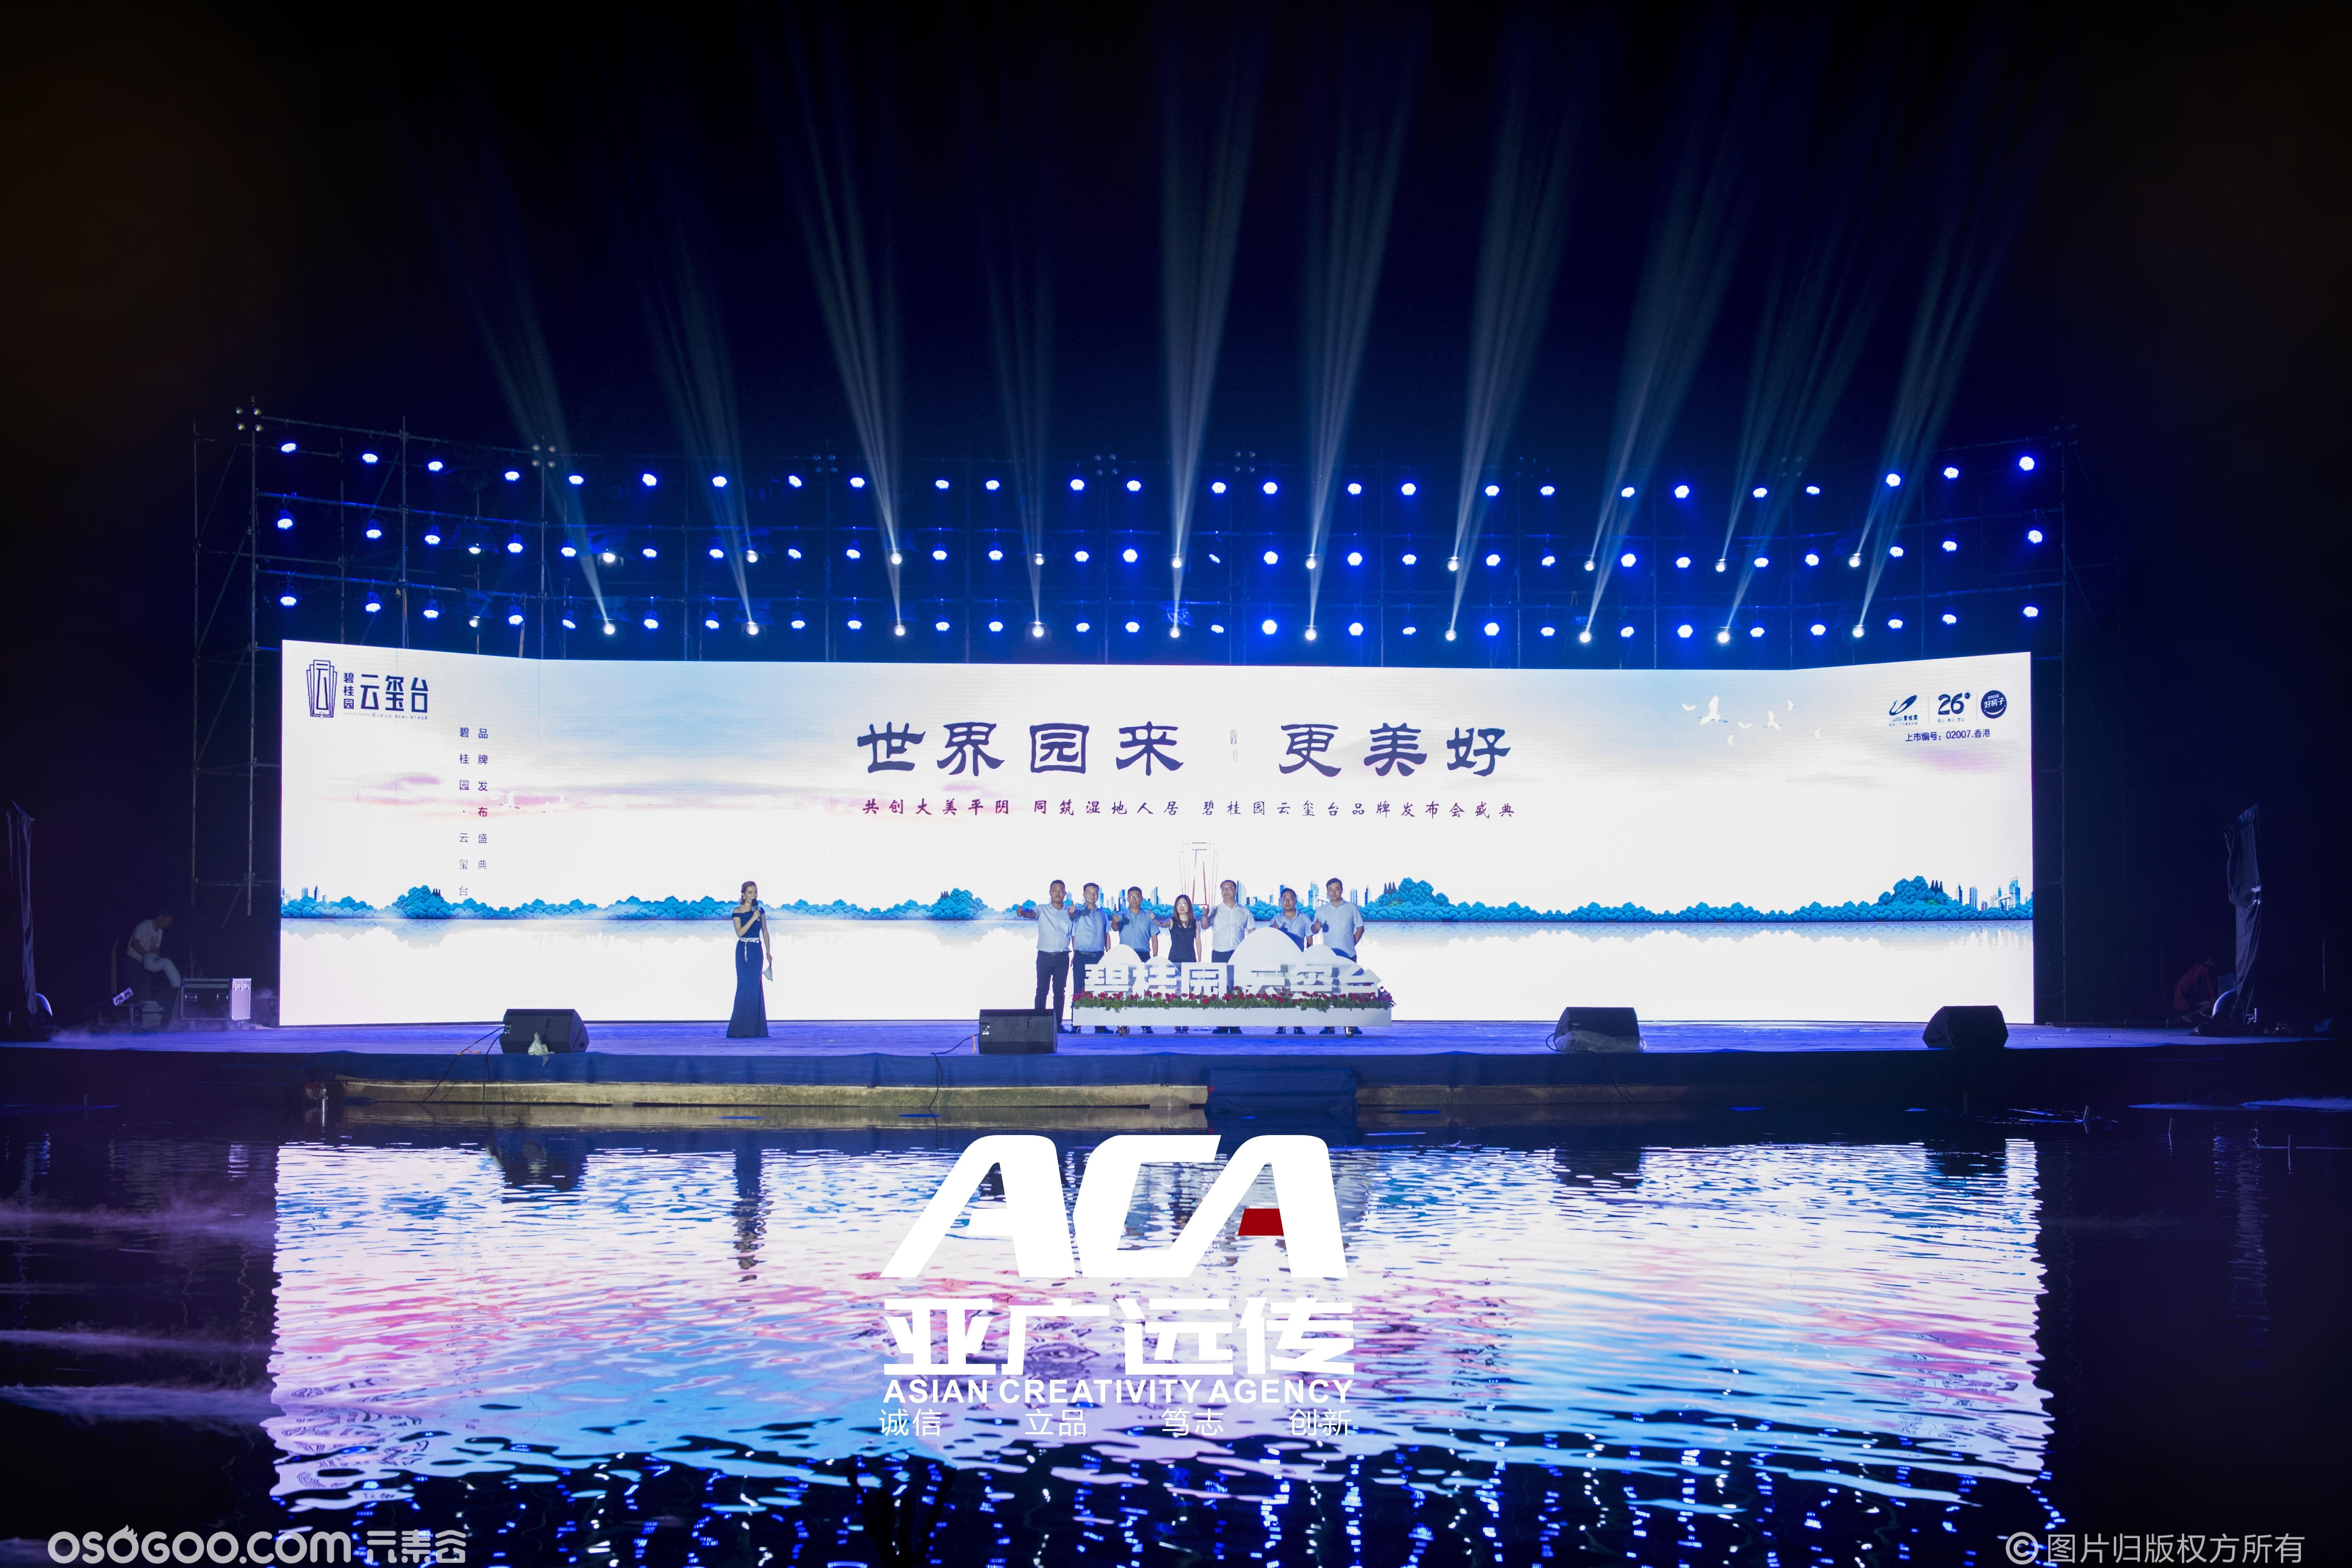 2018亚广远传&碧桂园·云玺台 品牌发布盛典